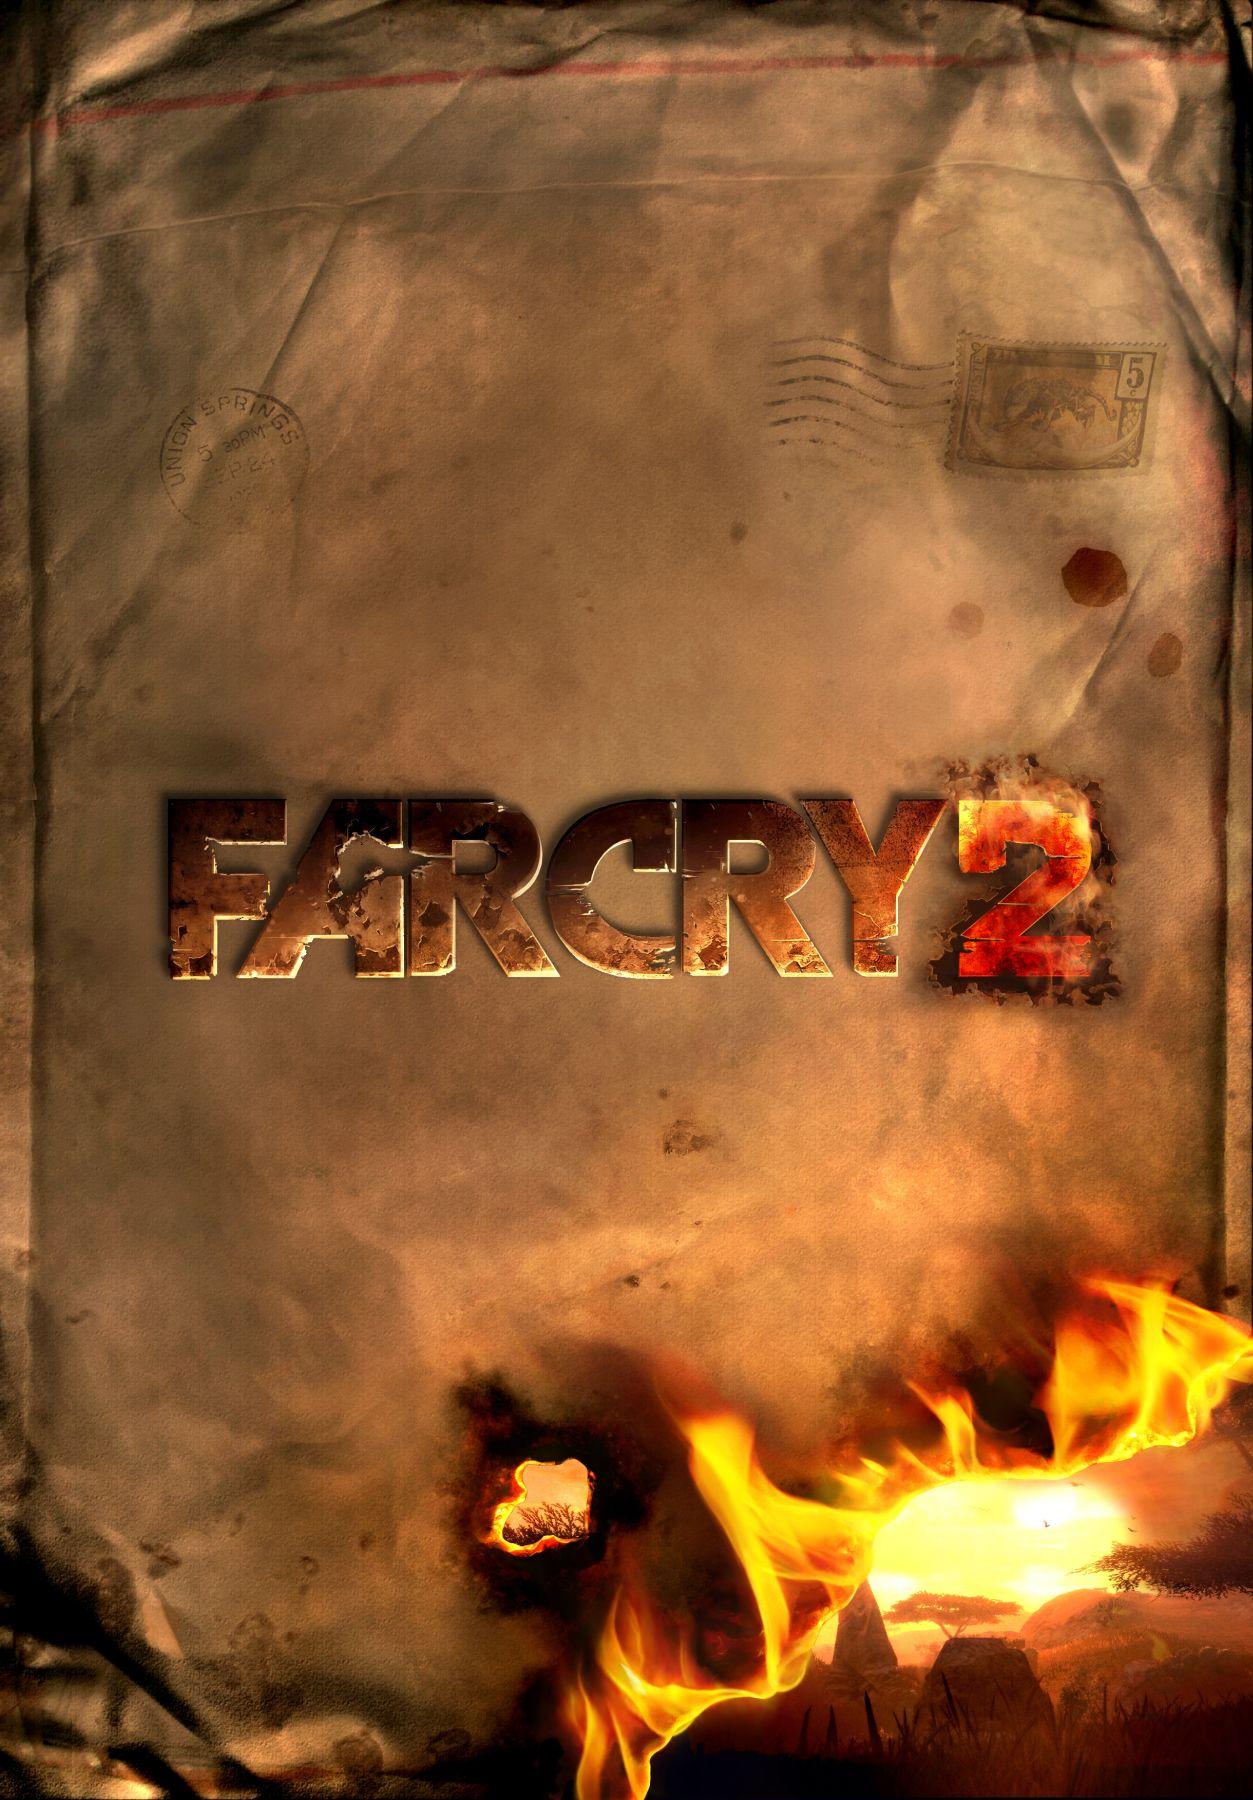 Разработчик. Издательство. Патч Farcry2 v1.0.3. Жанр.